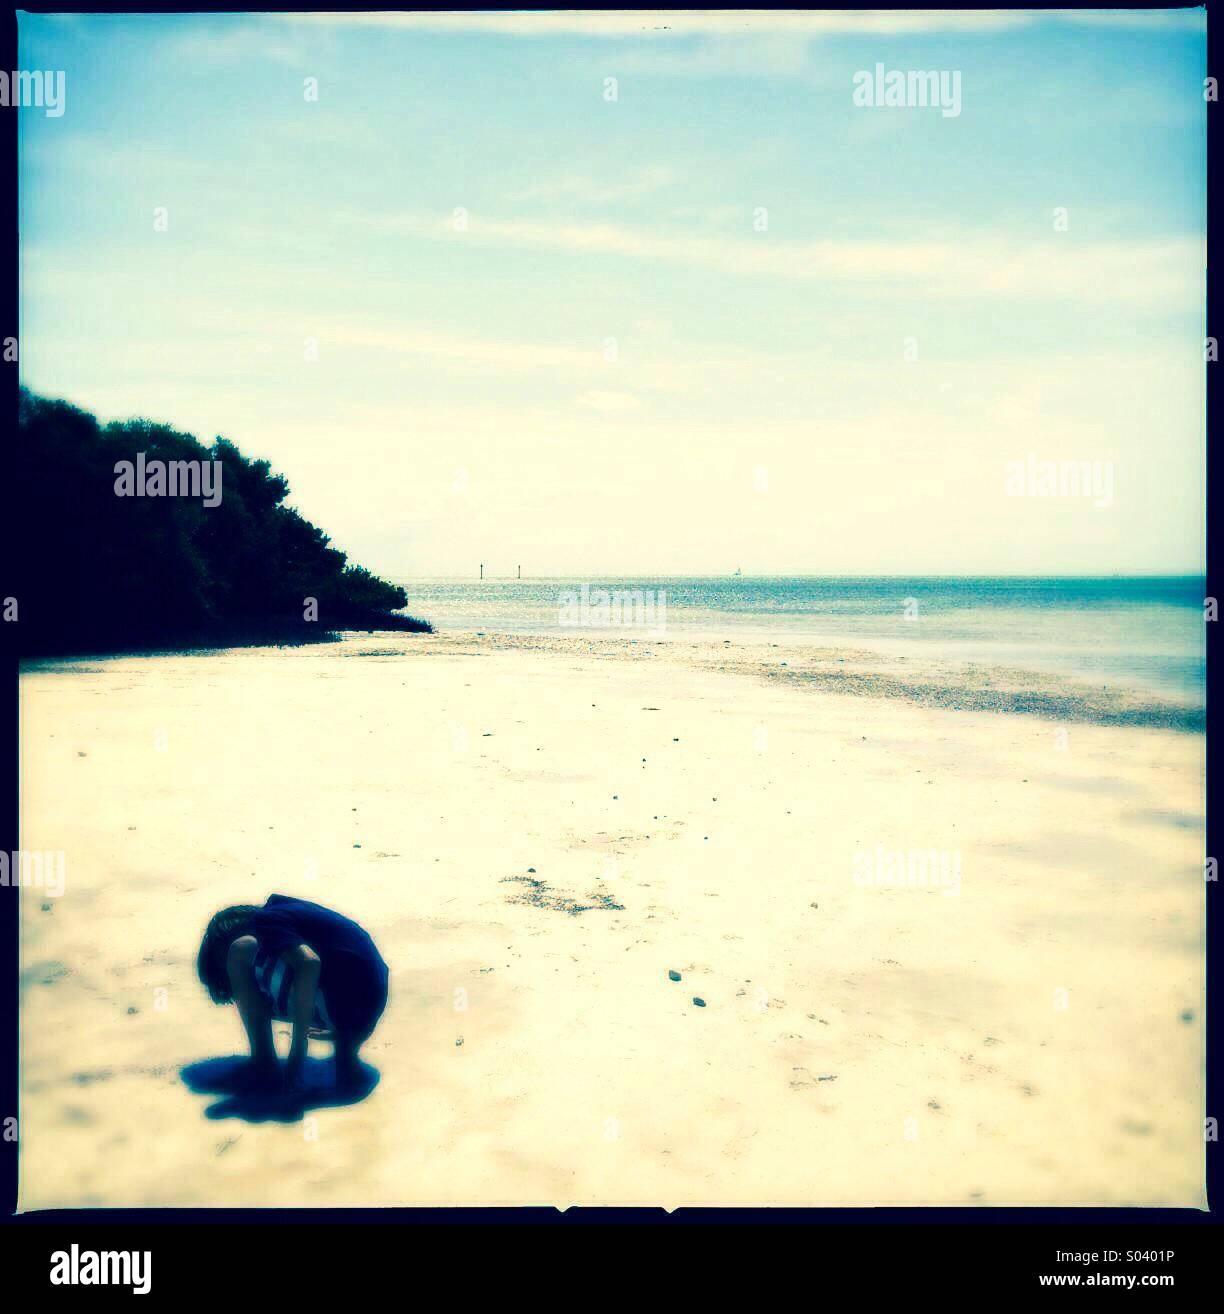 Niñito explorando la playa Imagen De Stock